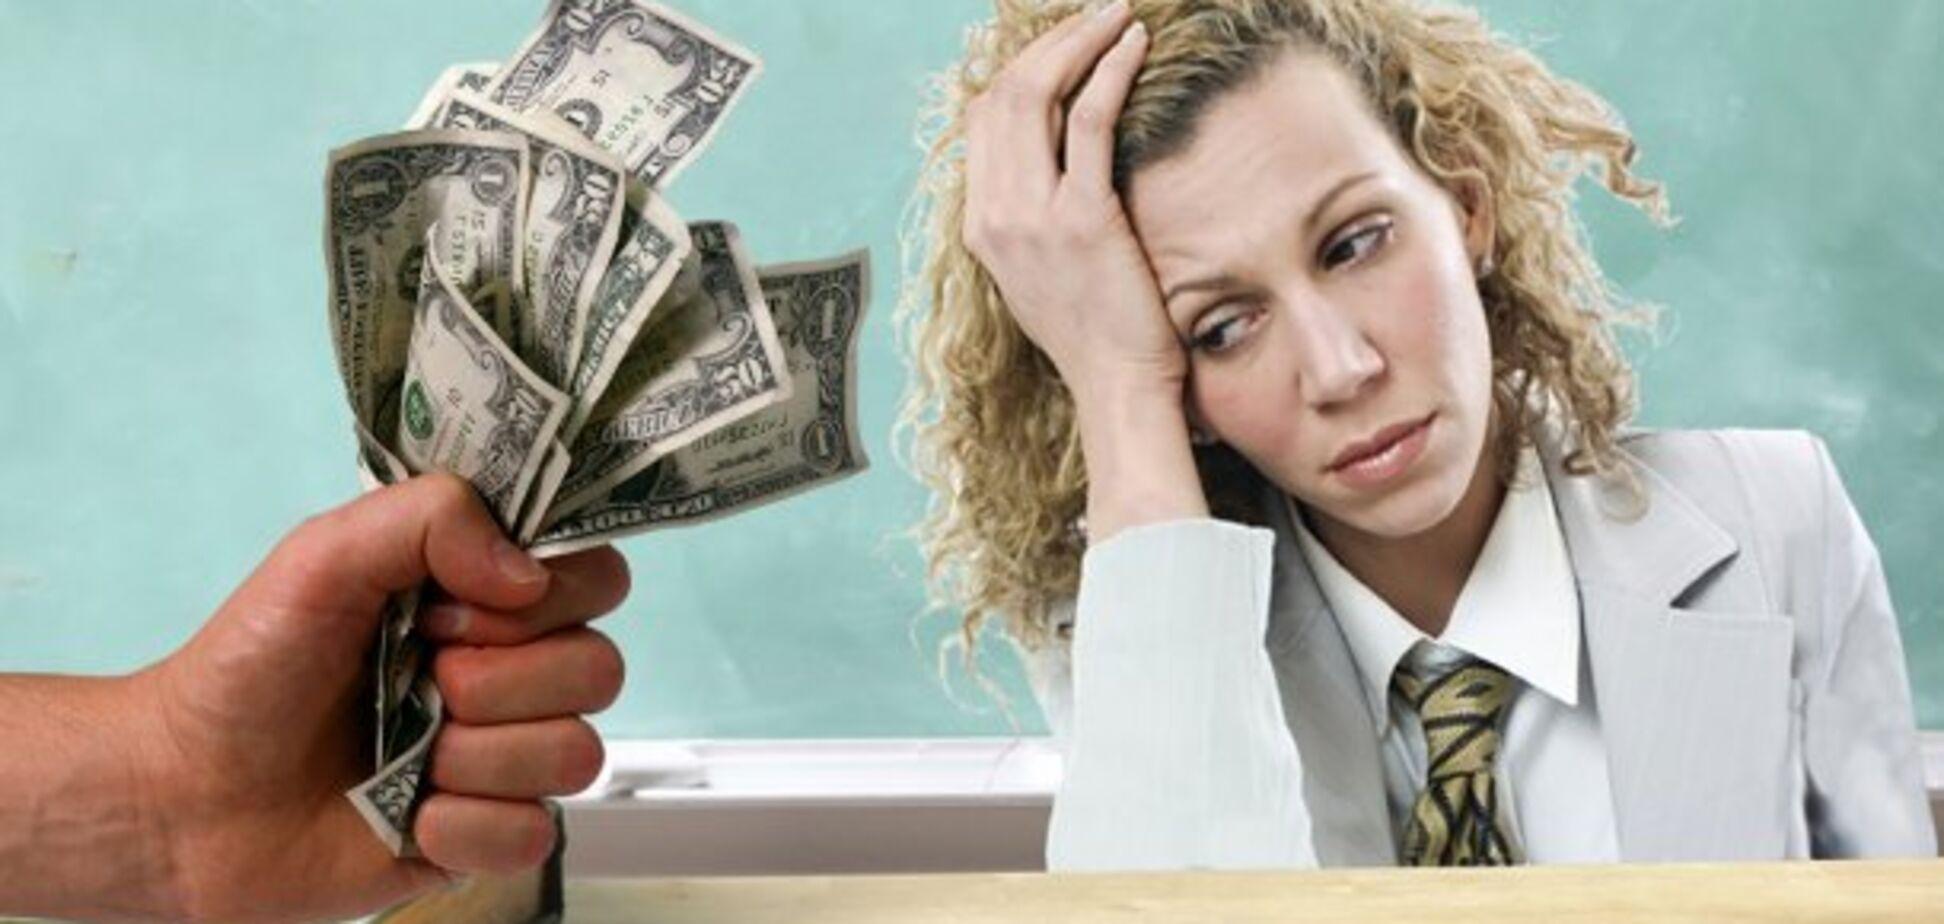 'Как раб на галере! Срам!' Зарплата учителей вызвала возмущение в сети